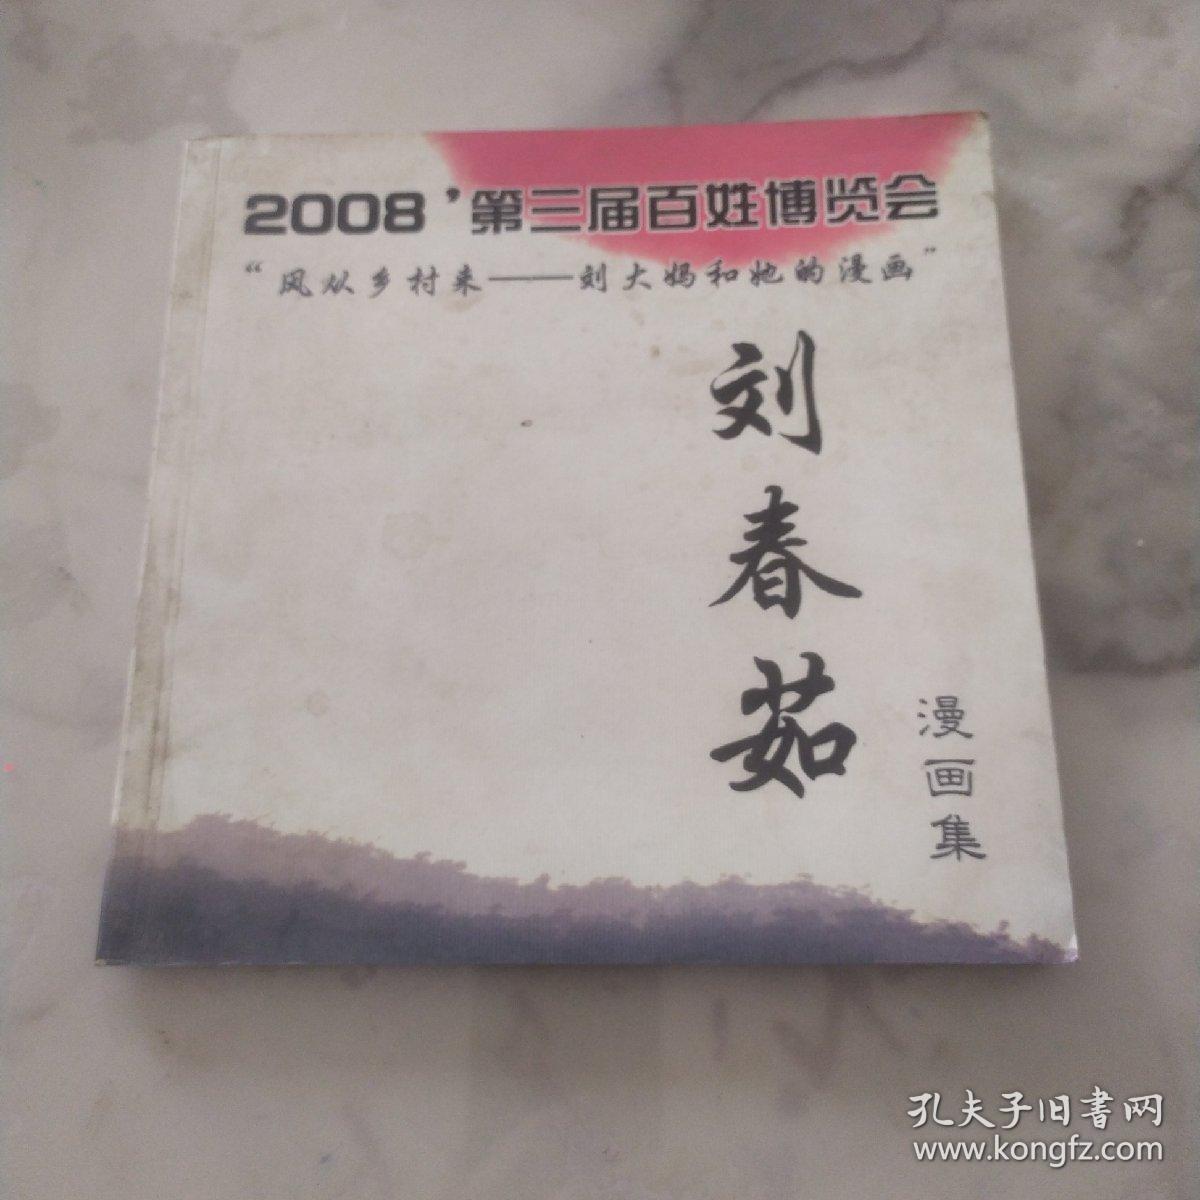 2008第三届百姓博览会《刘春茹漫画集》